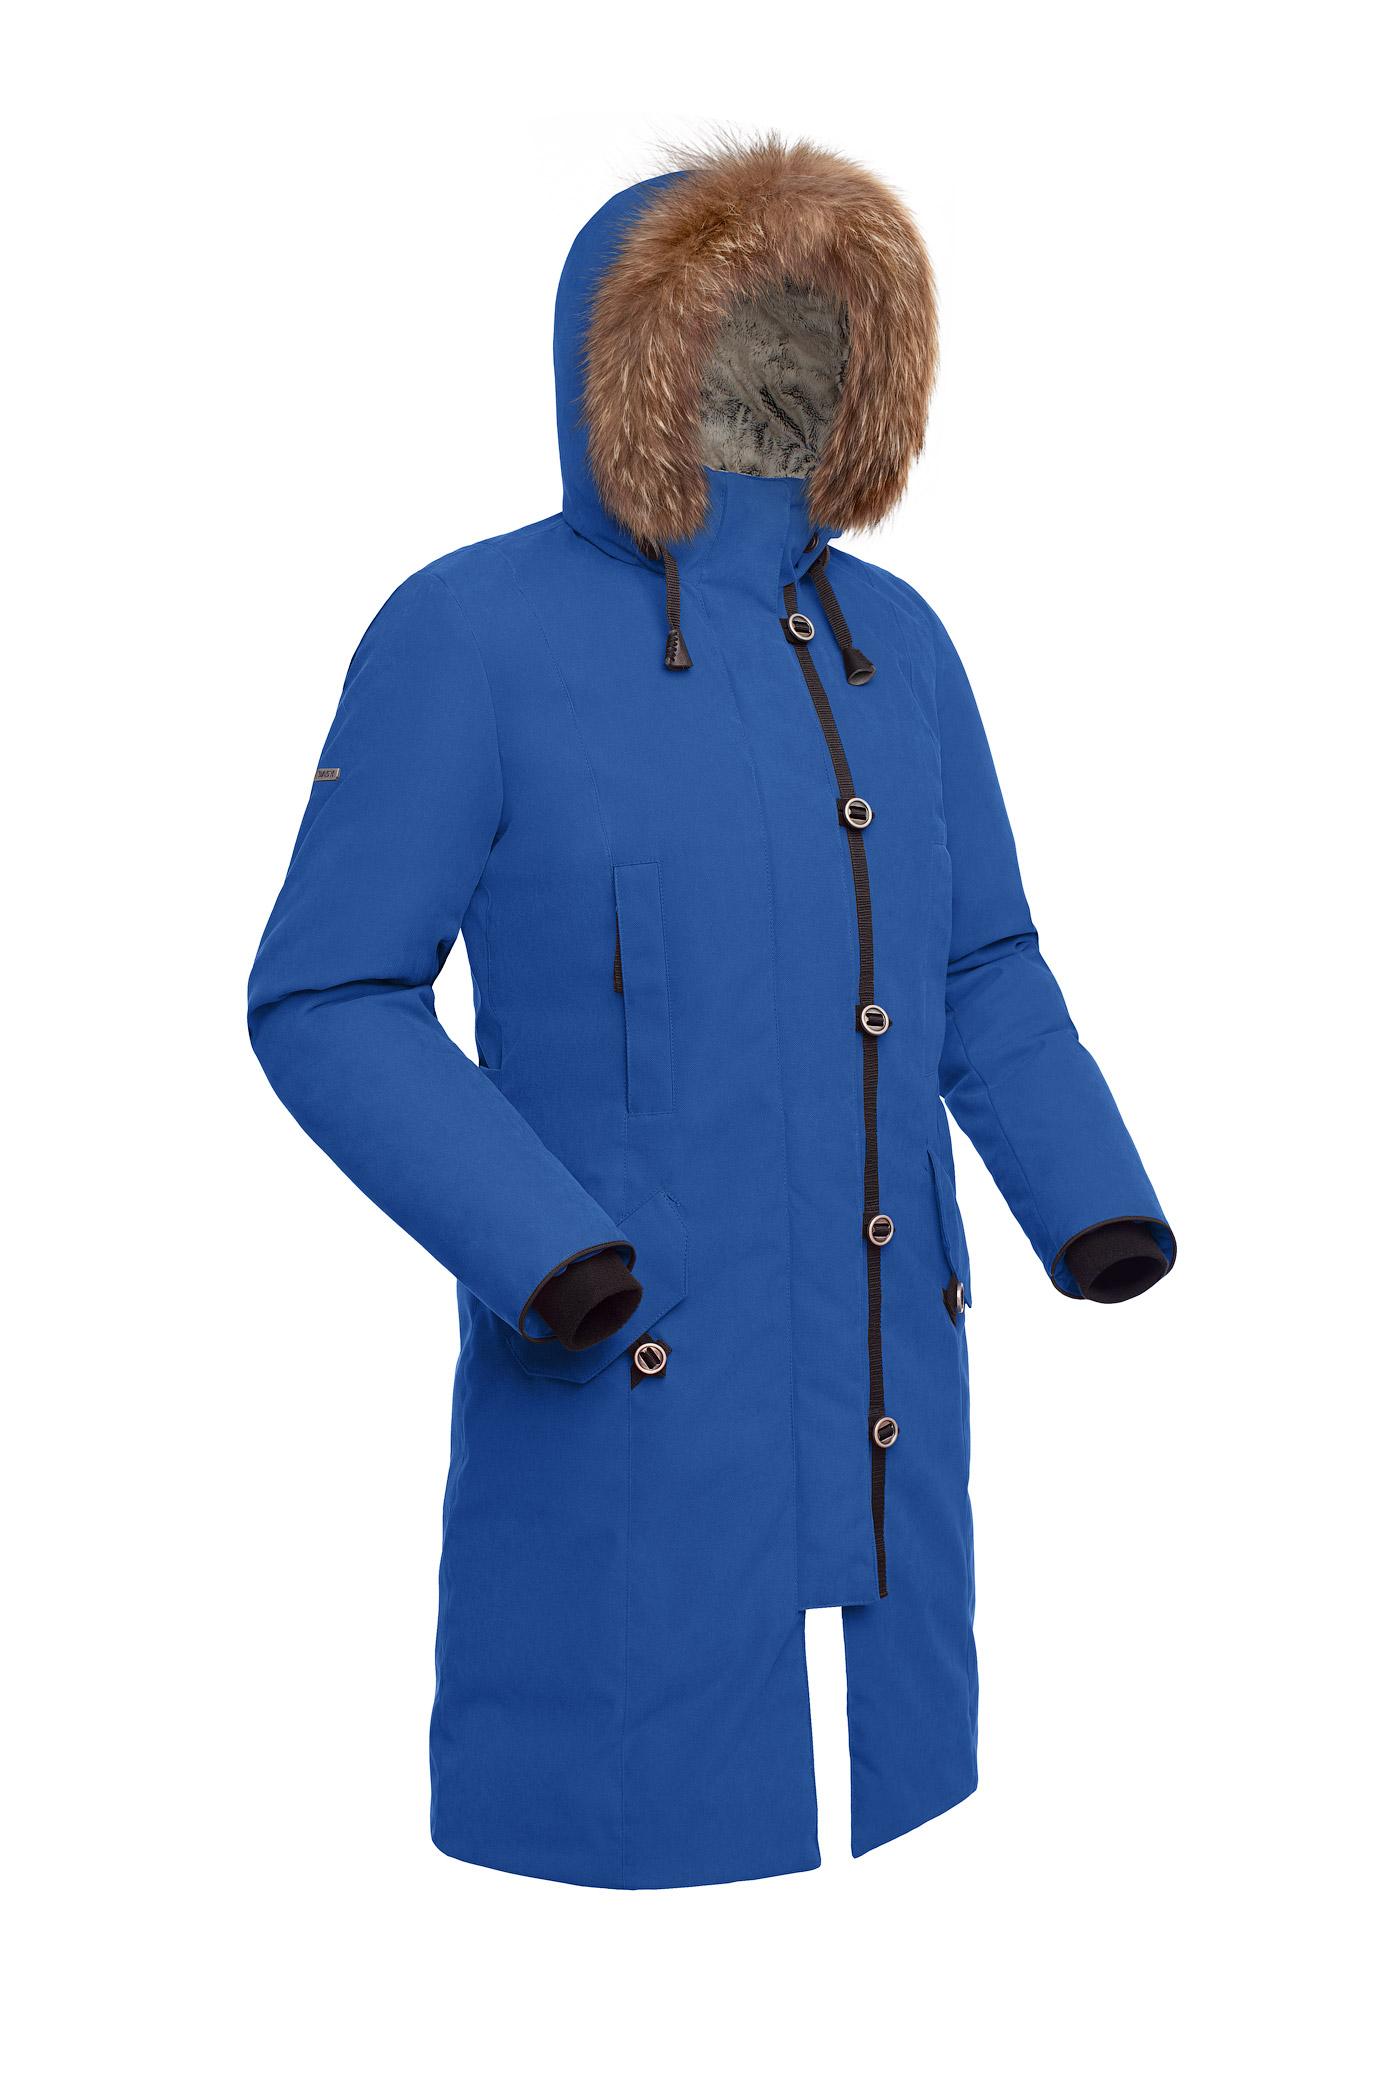 Пальто пуховое женское BASK HATANGA V2 синий royal, Пальто - арт. 971280409